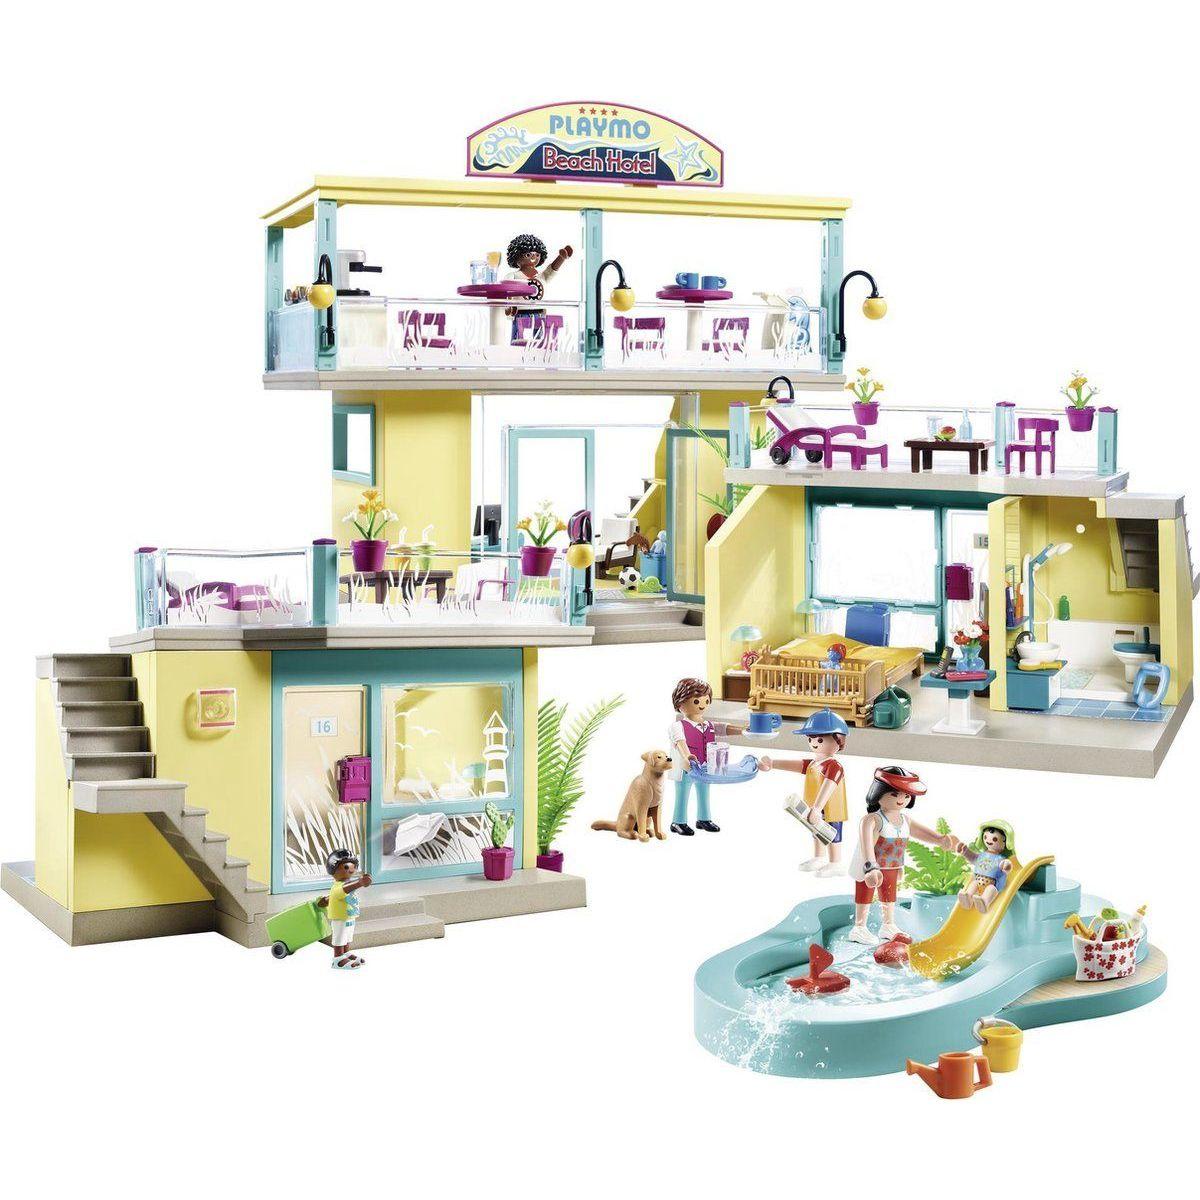 PLAYMOBIL® 70434 Playmo Plážový hotel